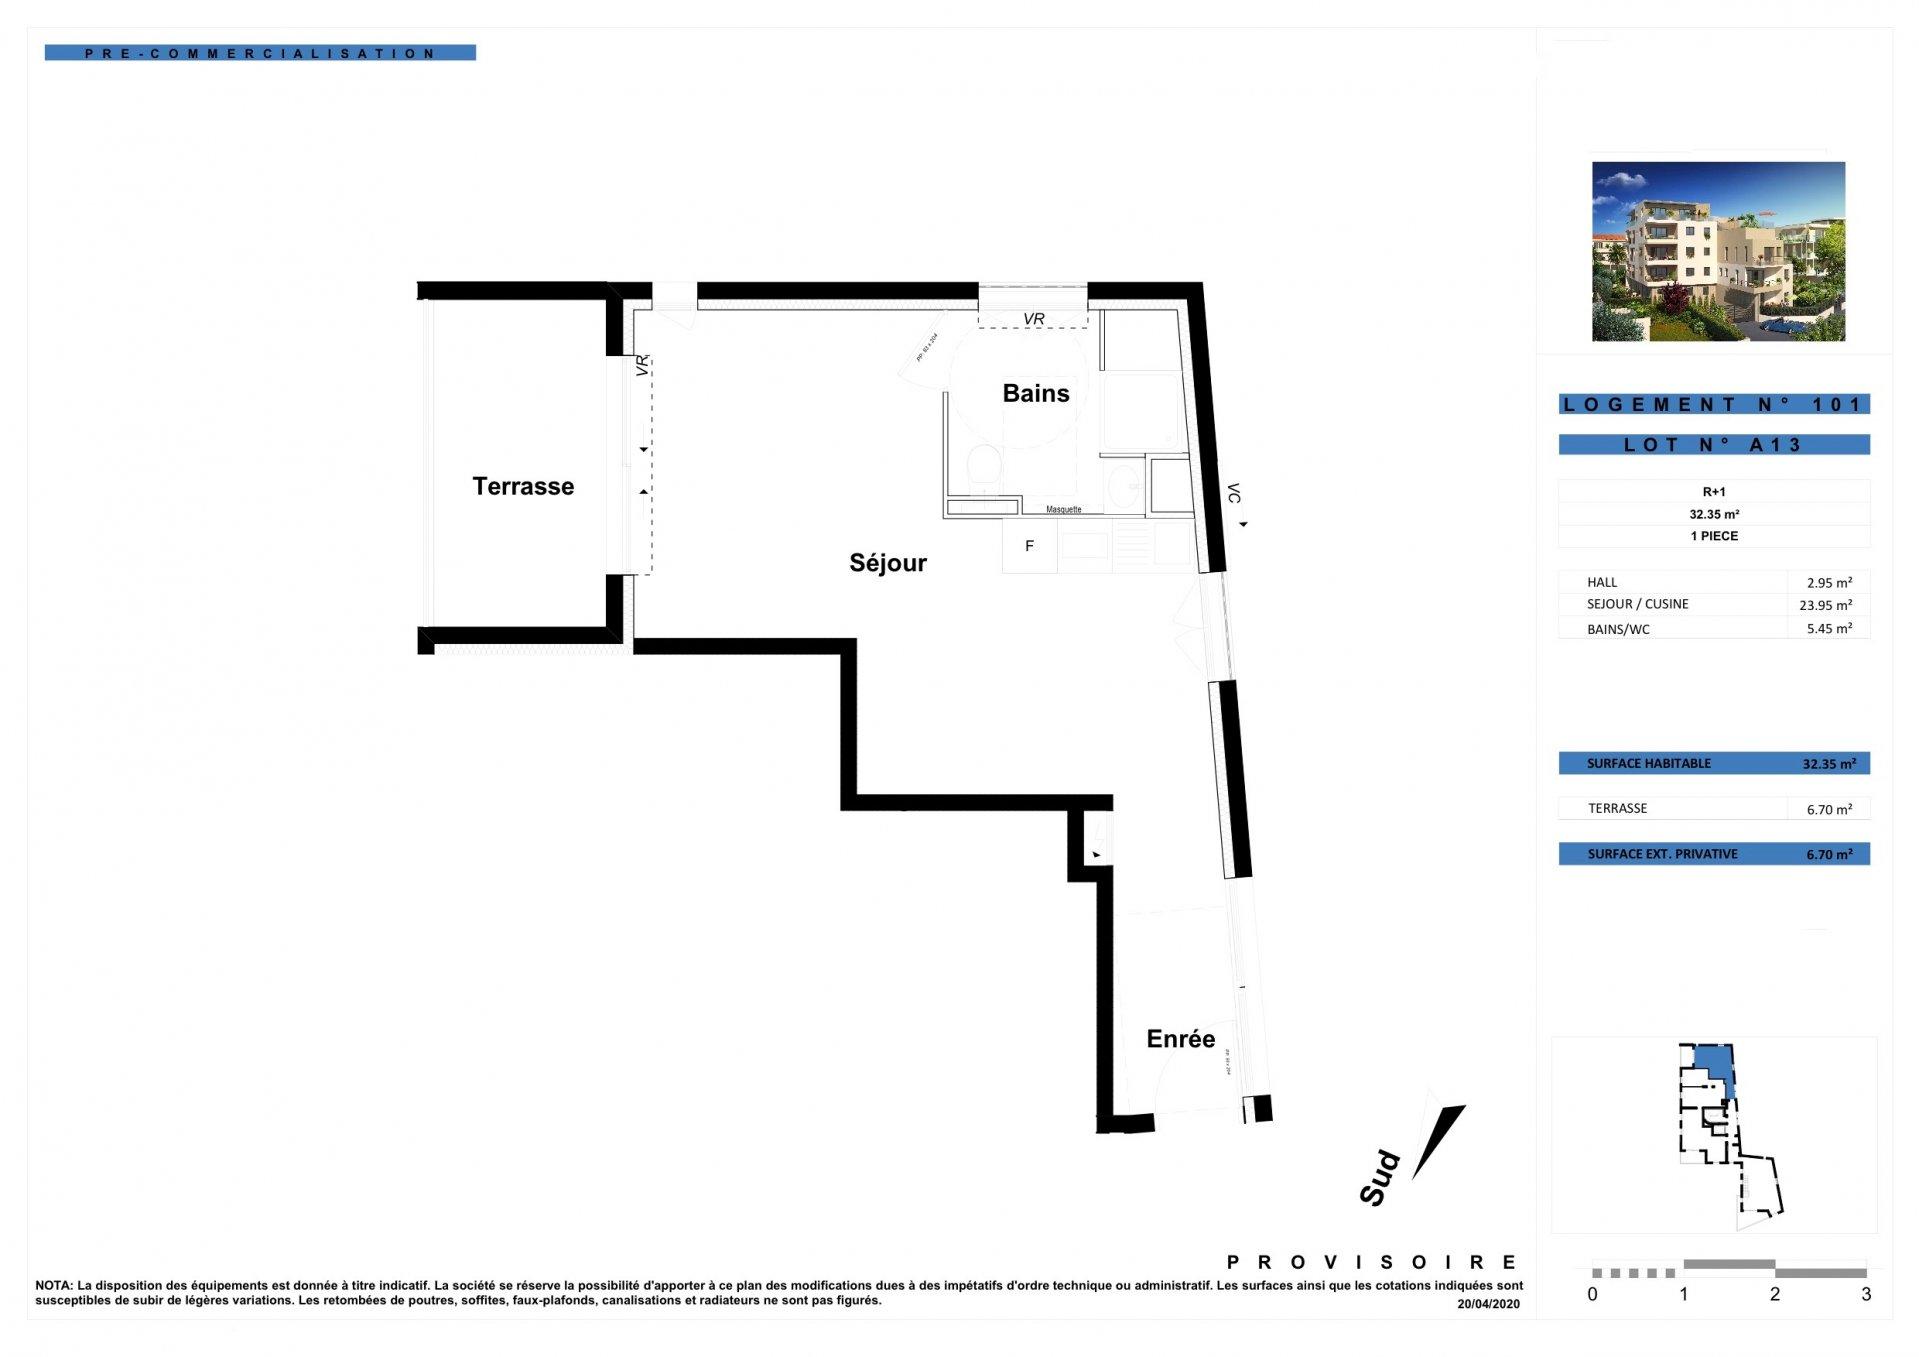 ANTIBES/JUAN-LES-PINS - Région PACA - vente appartement neuf - proche plages